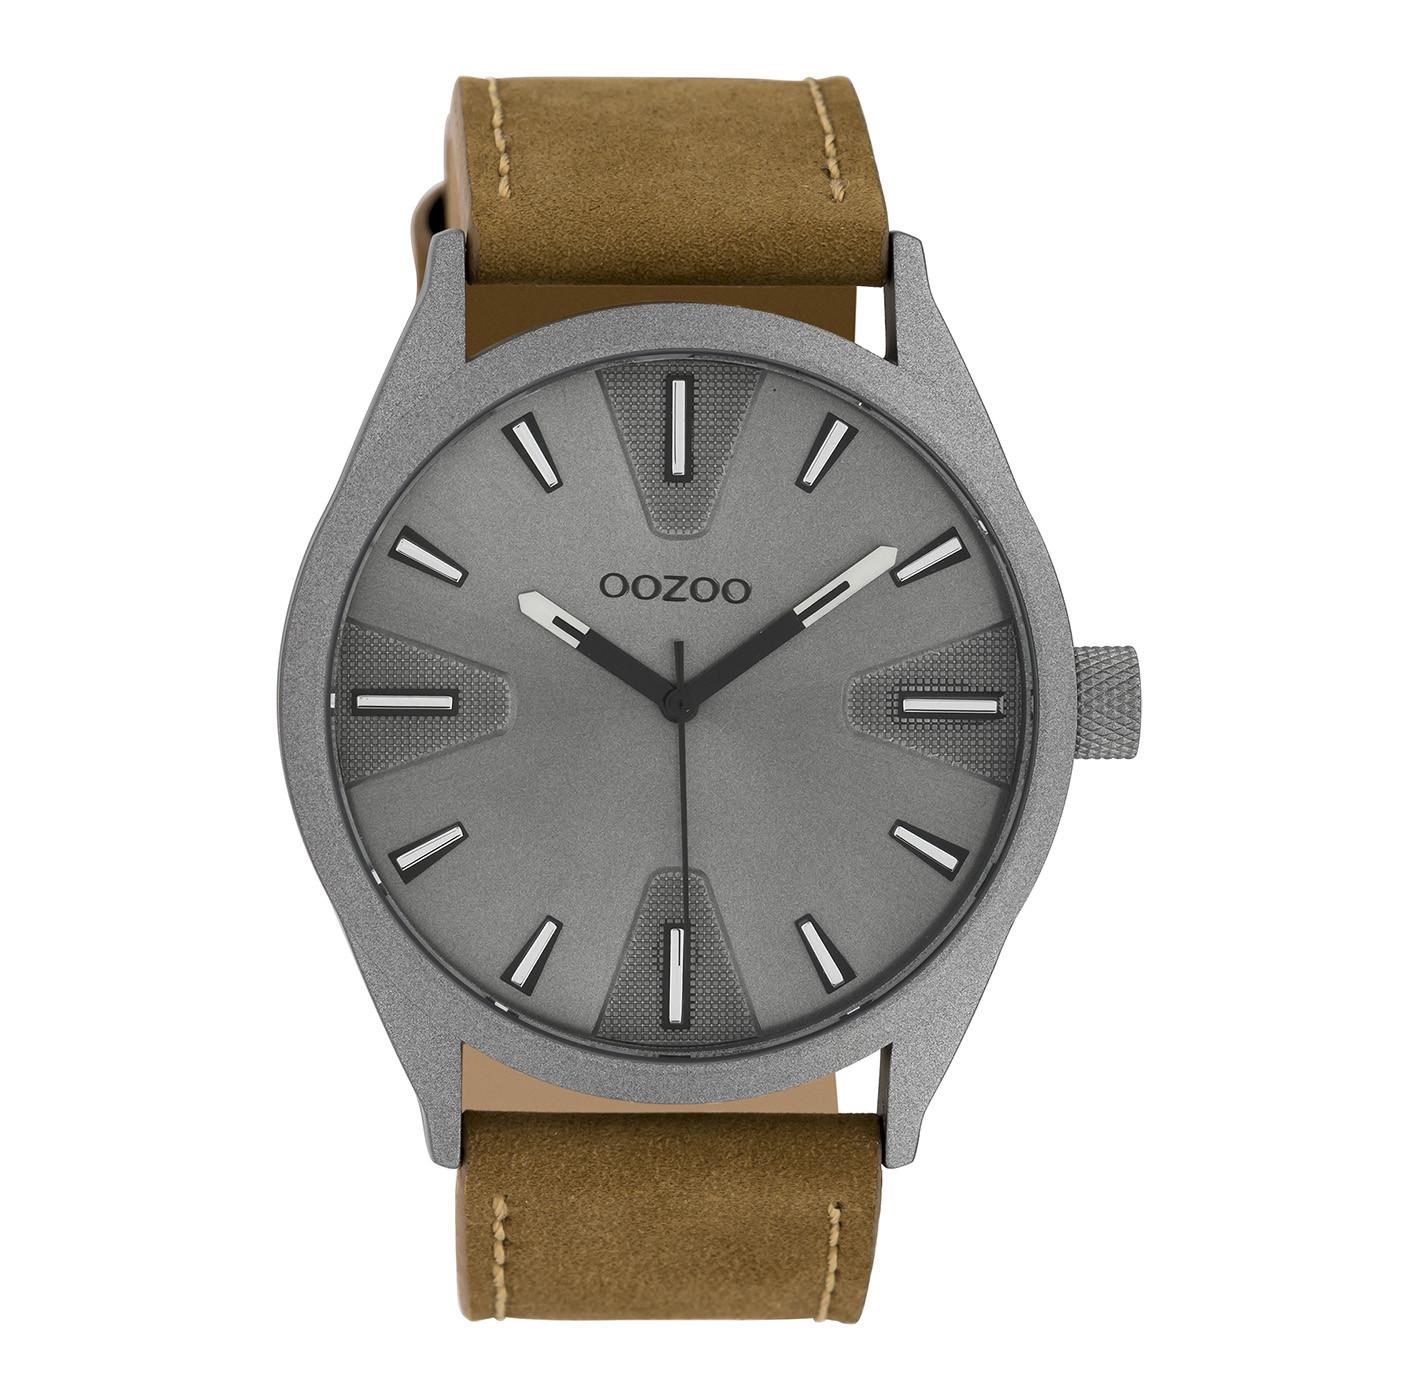 OOZOO Timepieces Bruin/Grijs horloge C10022 (46 mm)